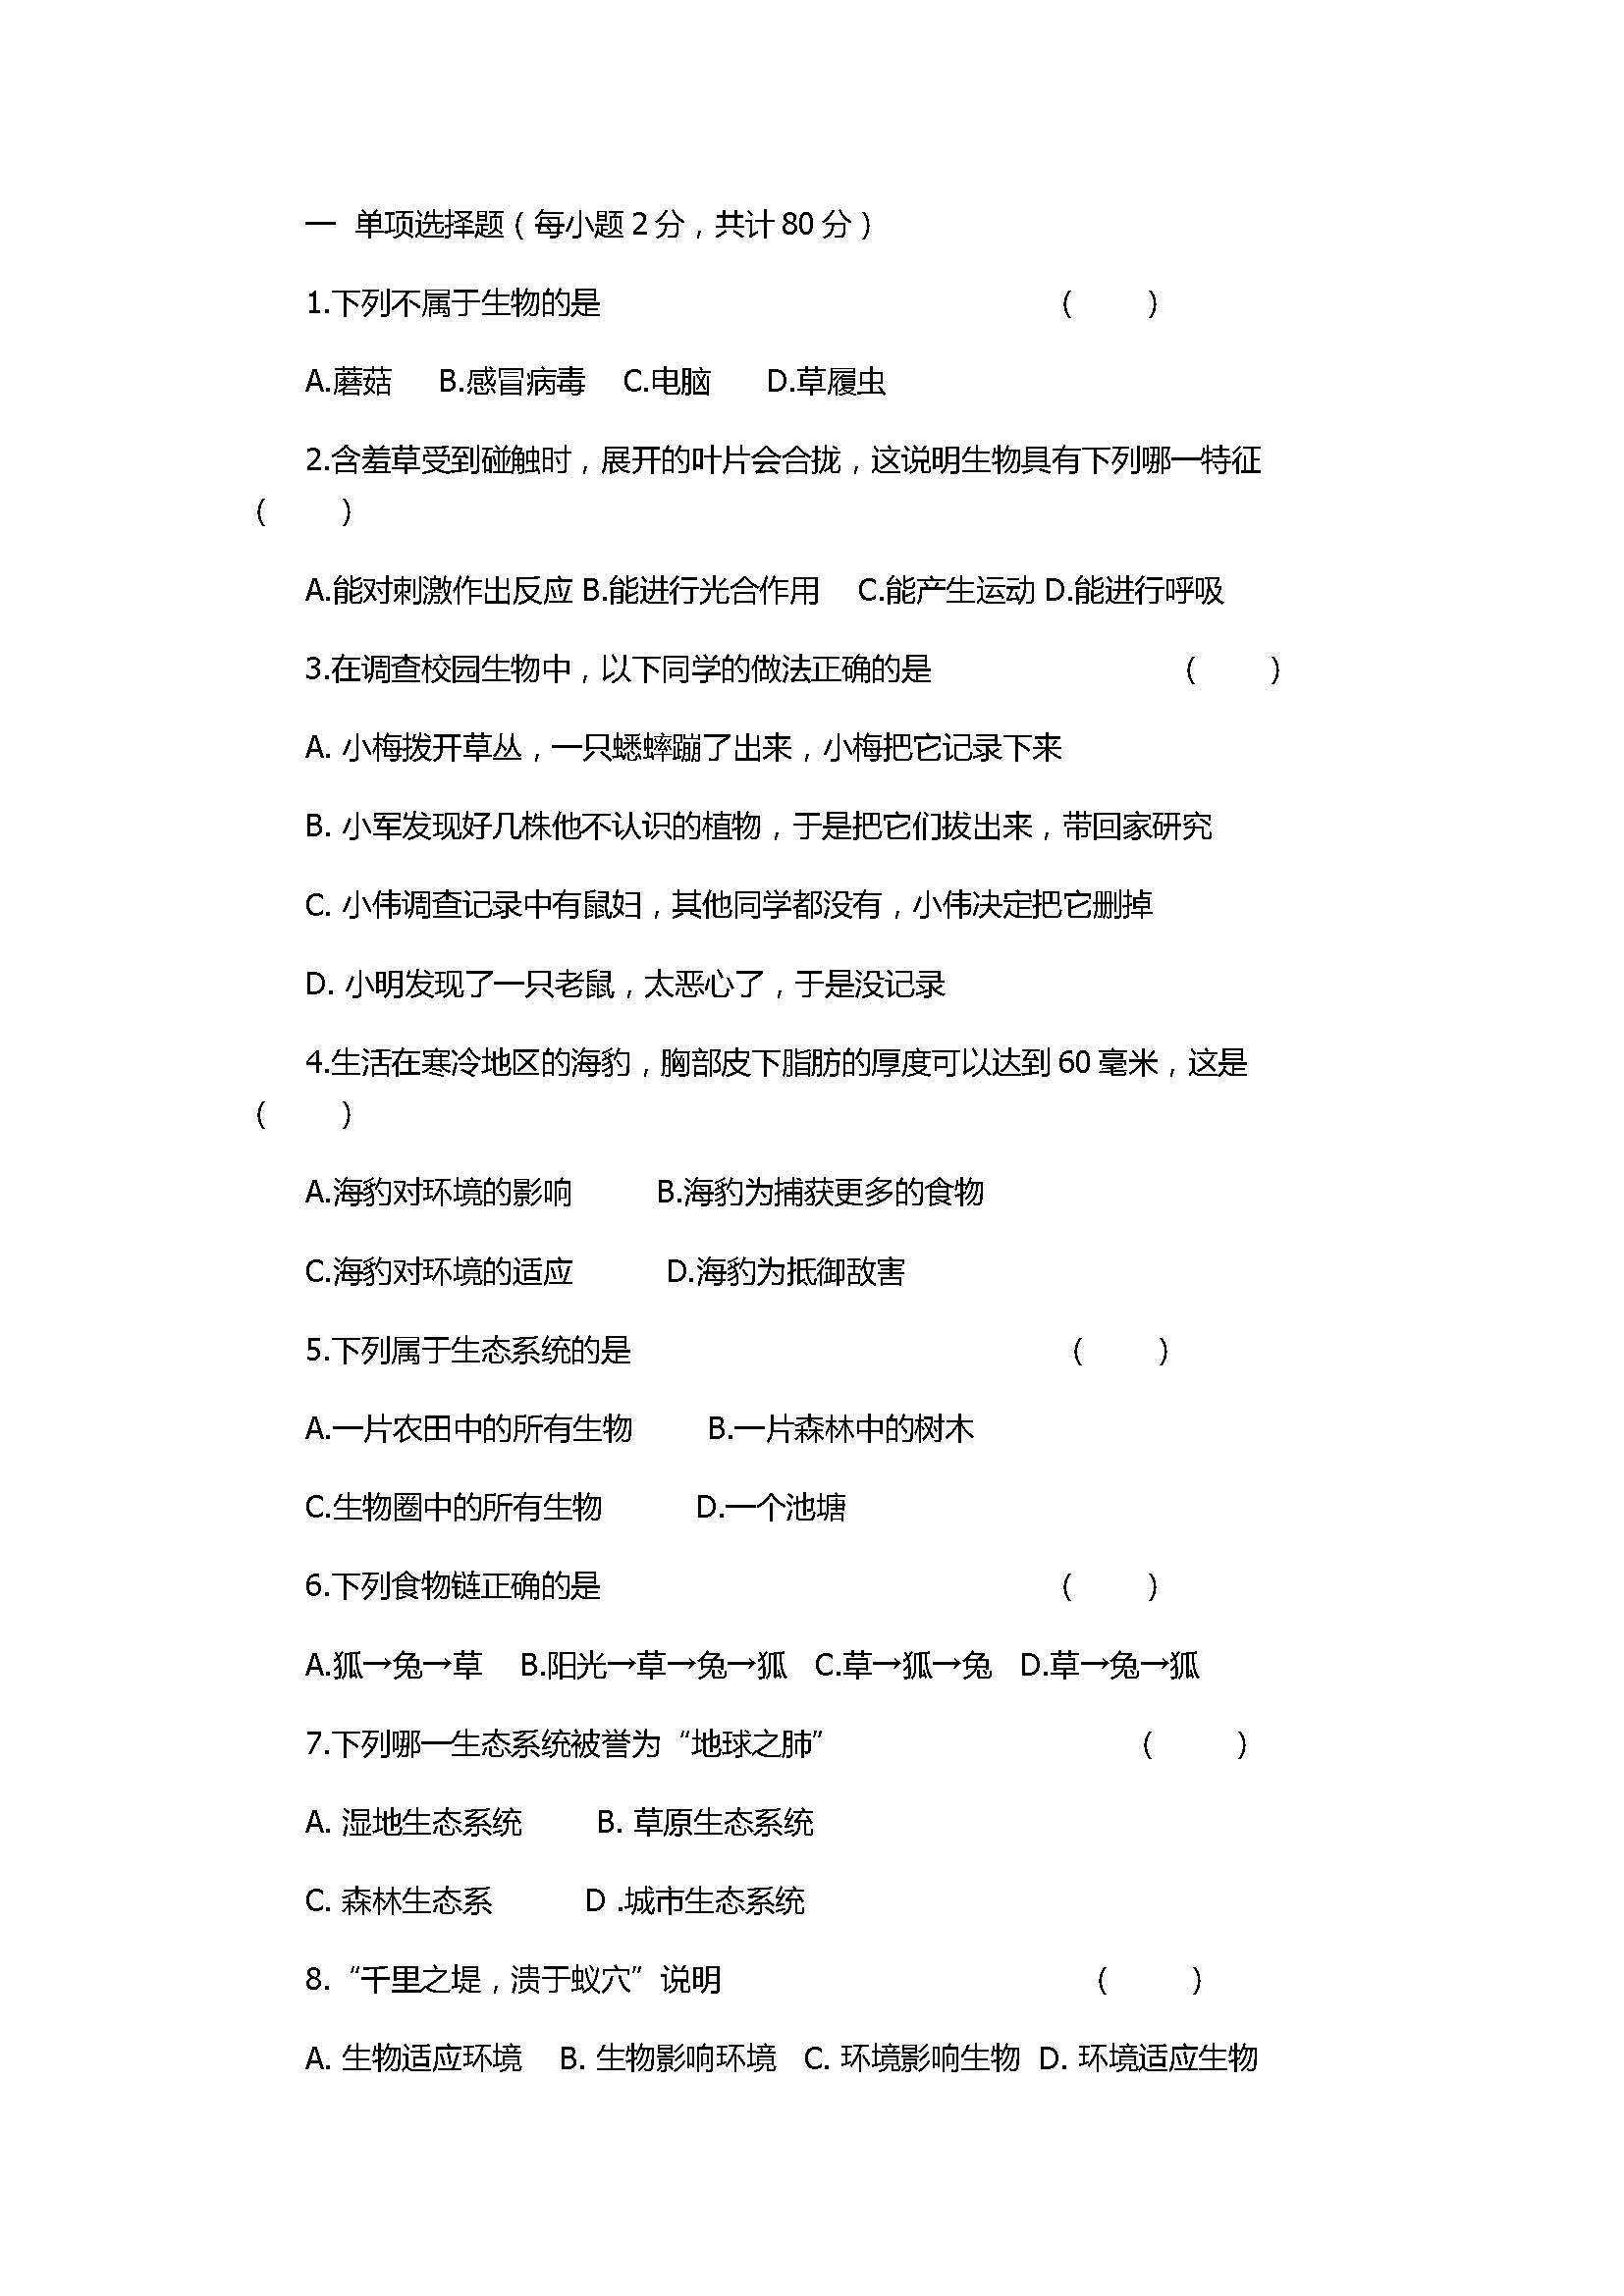 2017七年级生物期末试卷带参考答案(长春外国语)